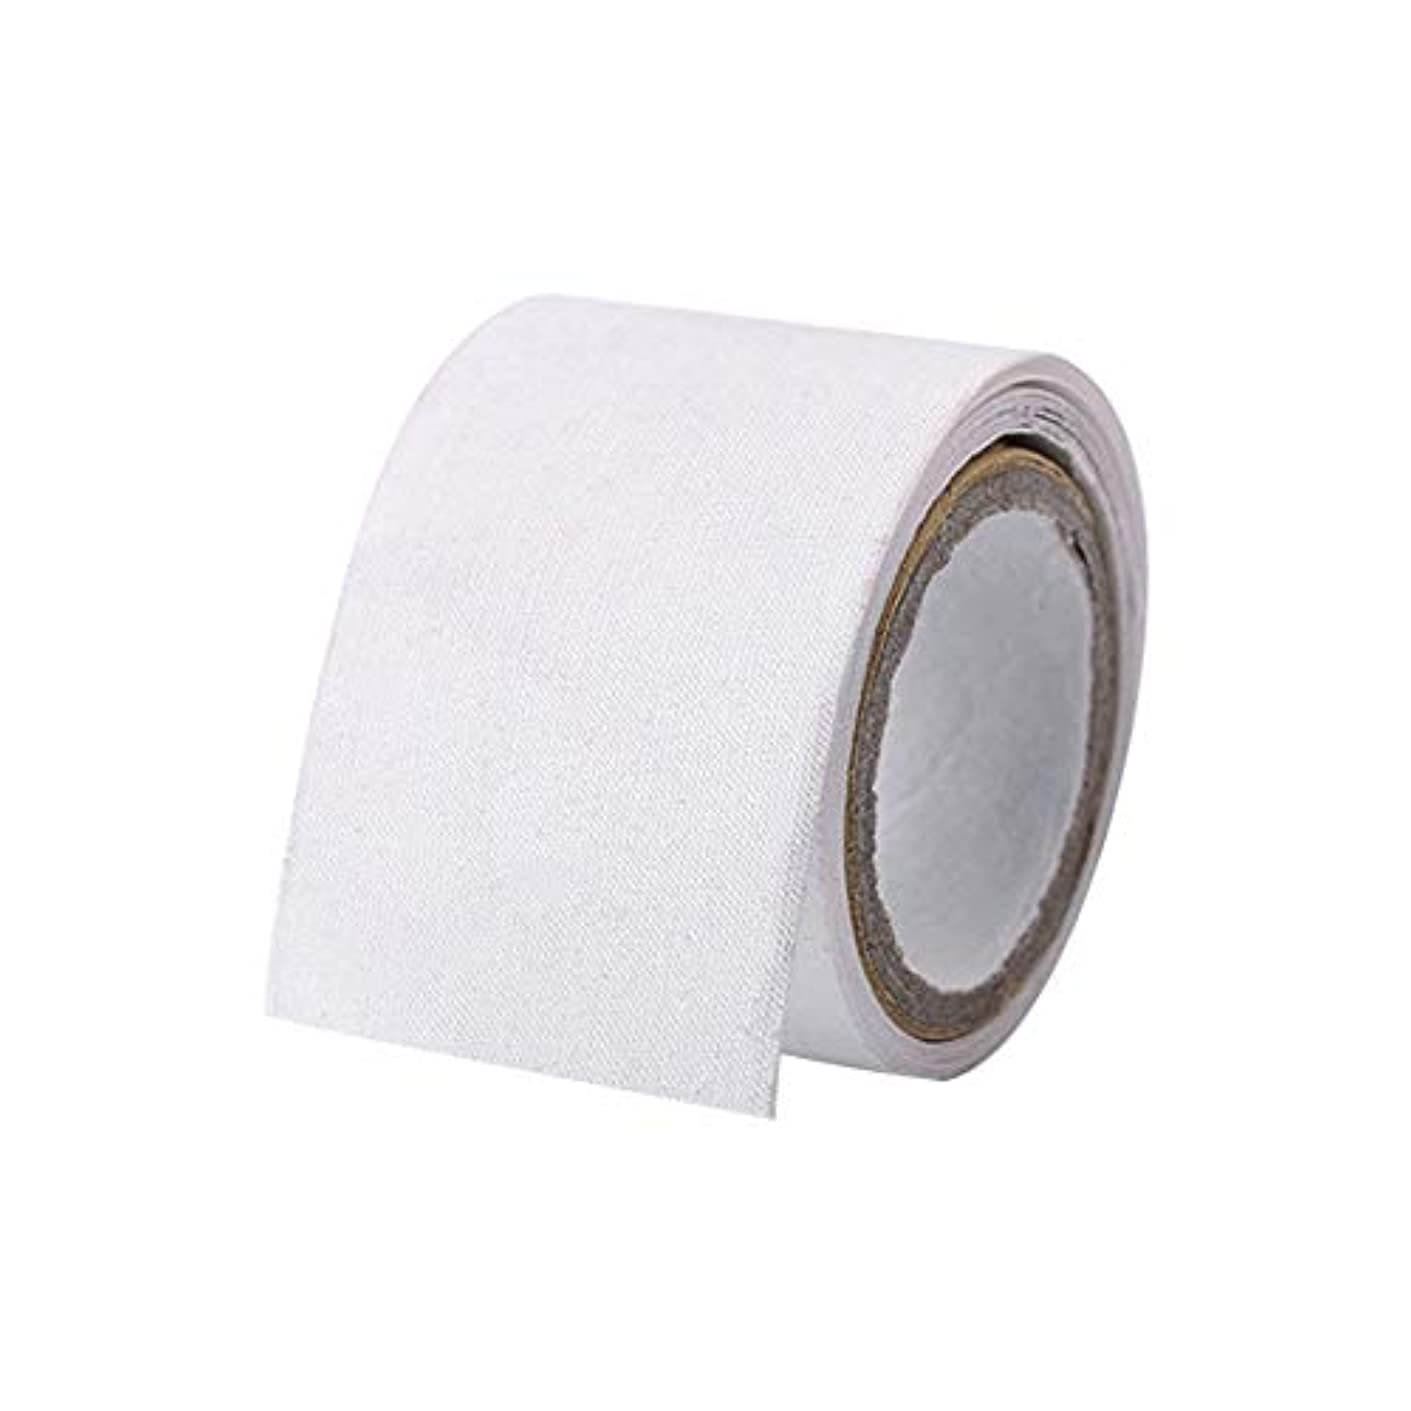 けん引快適面白い1ロール1メートル自己接着シルクネイルラップ補強ネイル使用前にUVジェルアクリルネイルホームサロンネイル保護ツール(Color:white)